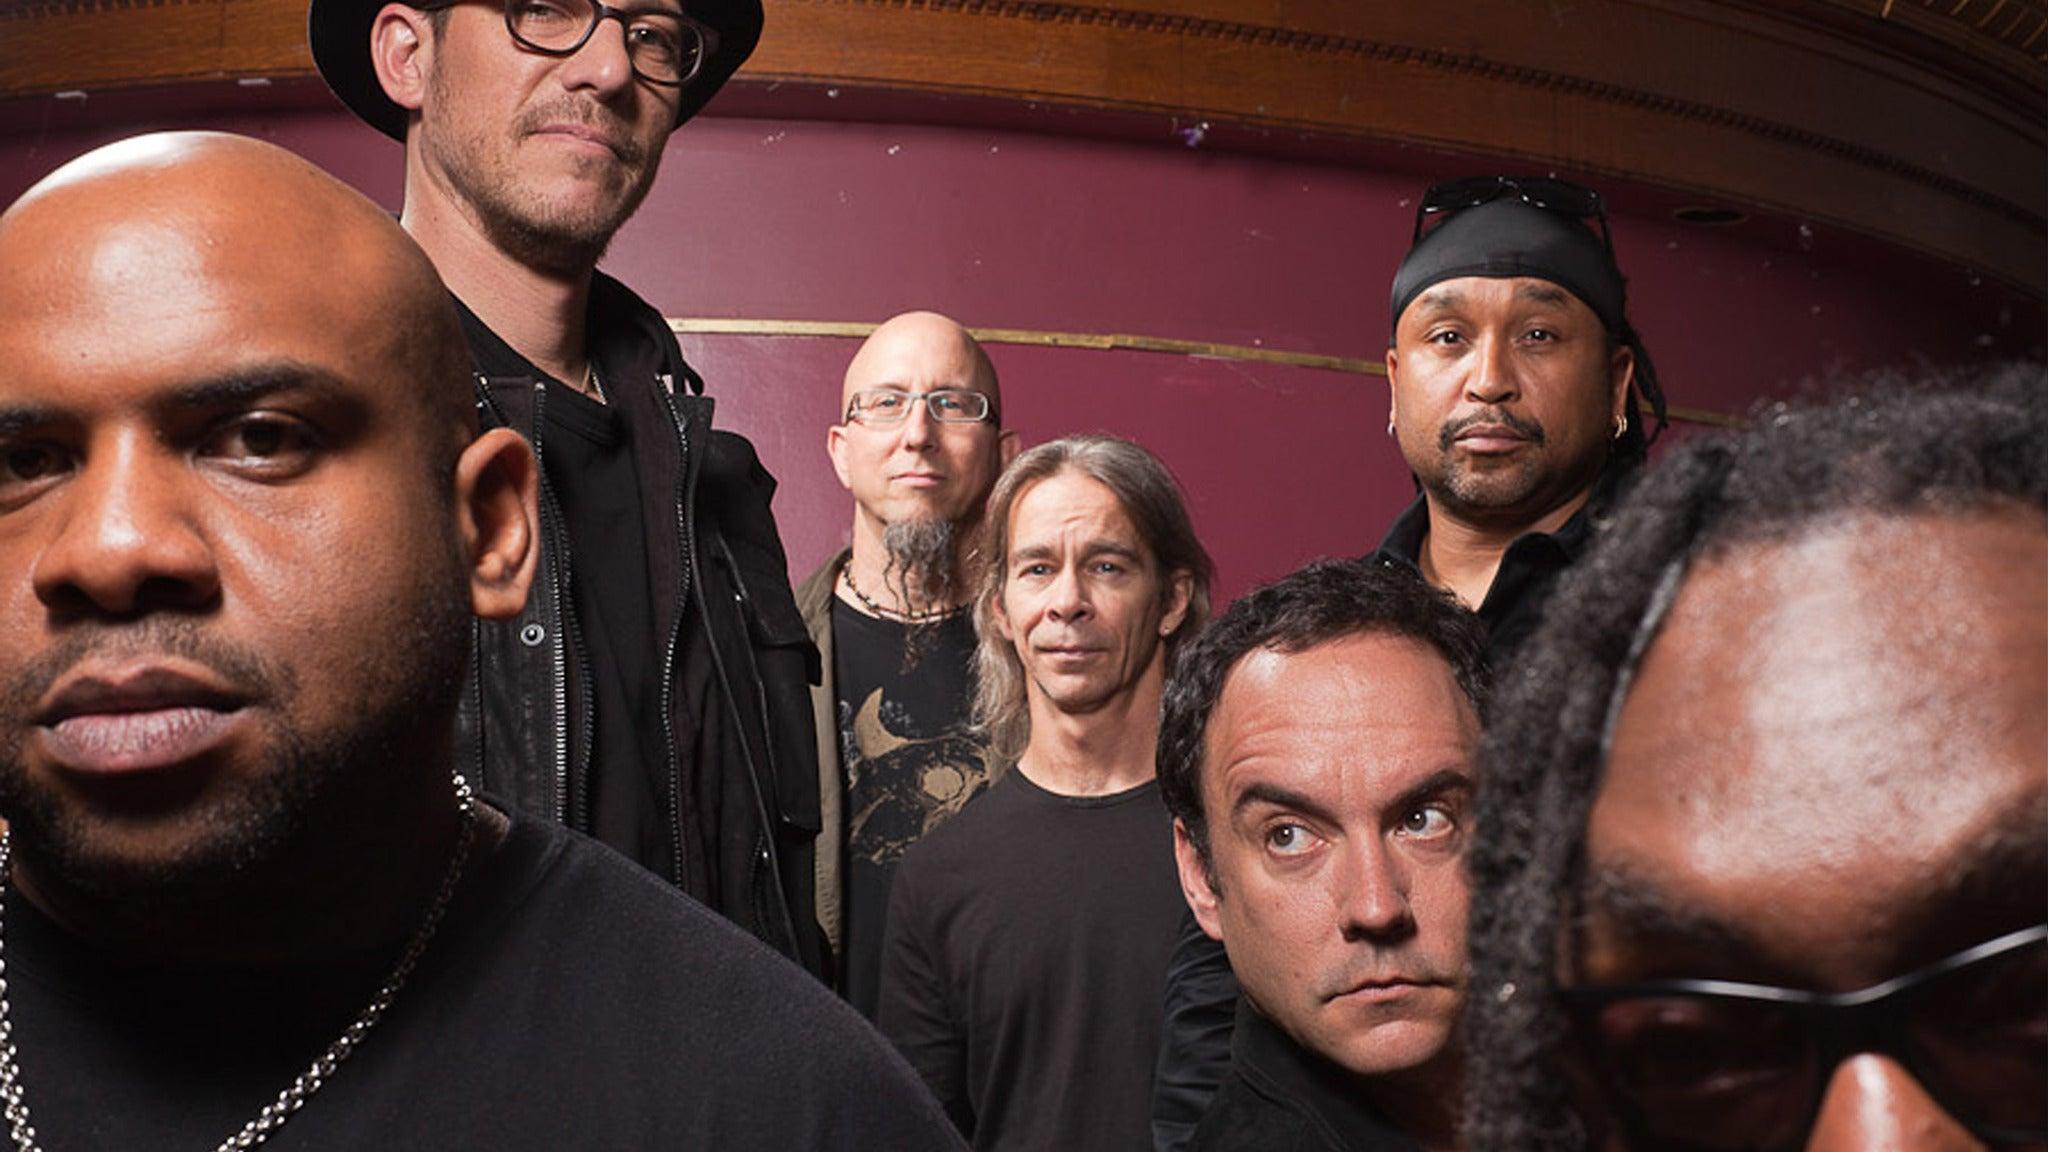 Dave Matthews Band at Nationwide Arena